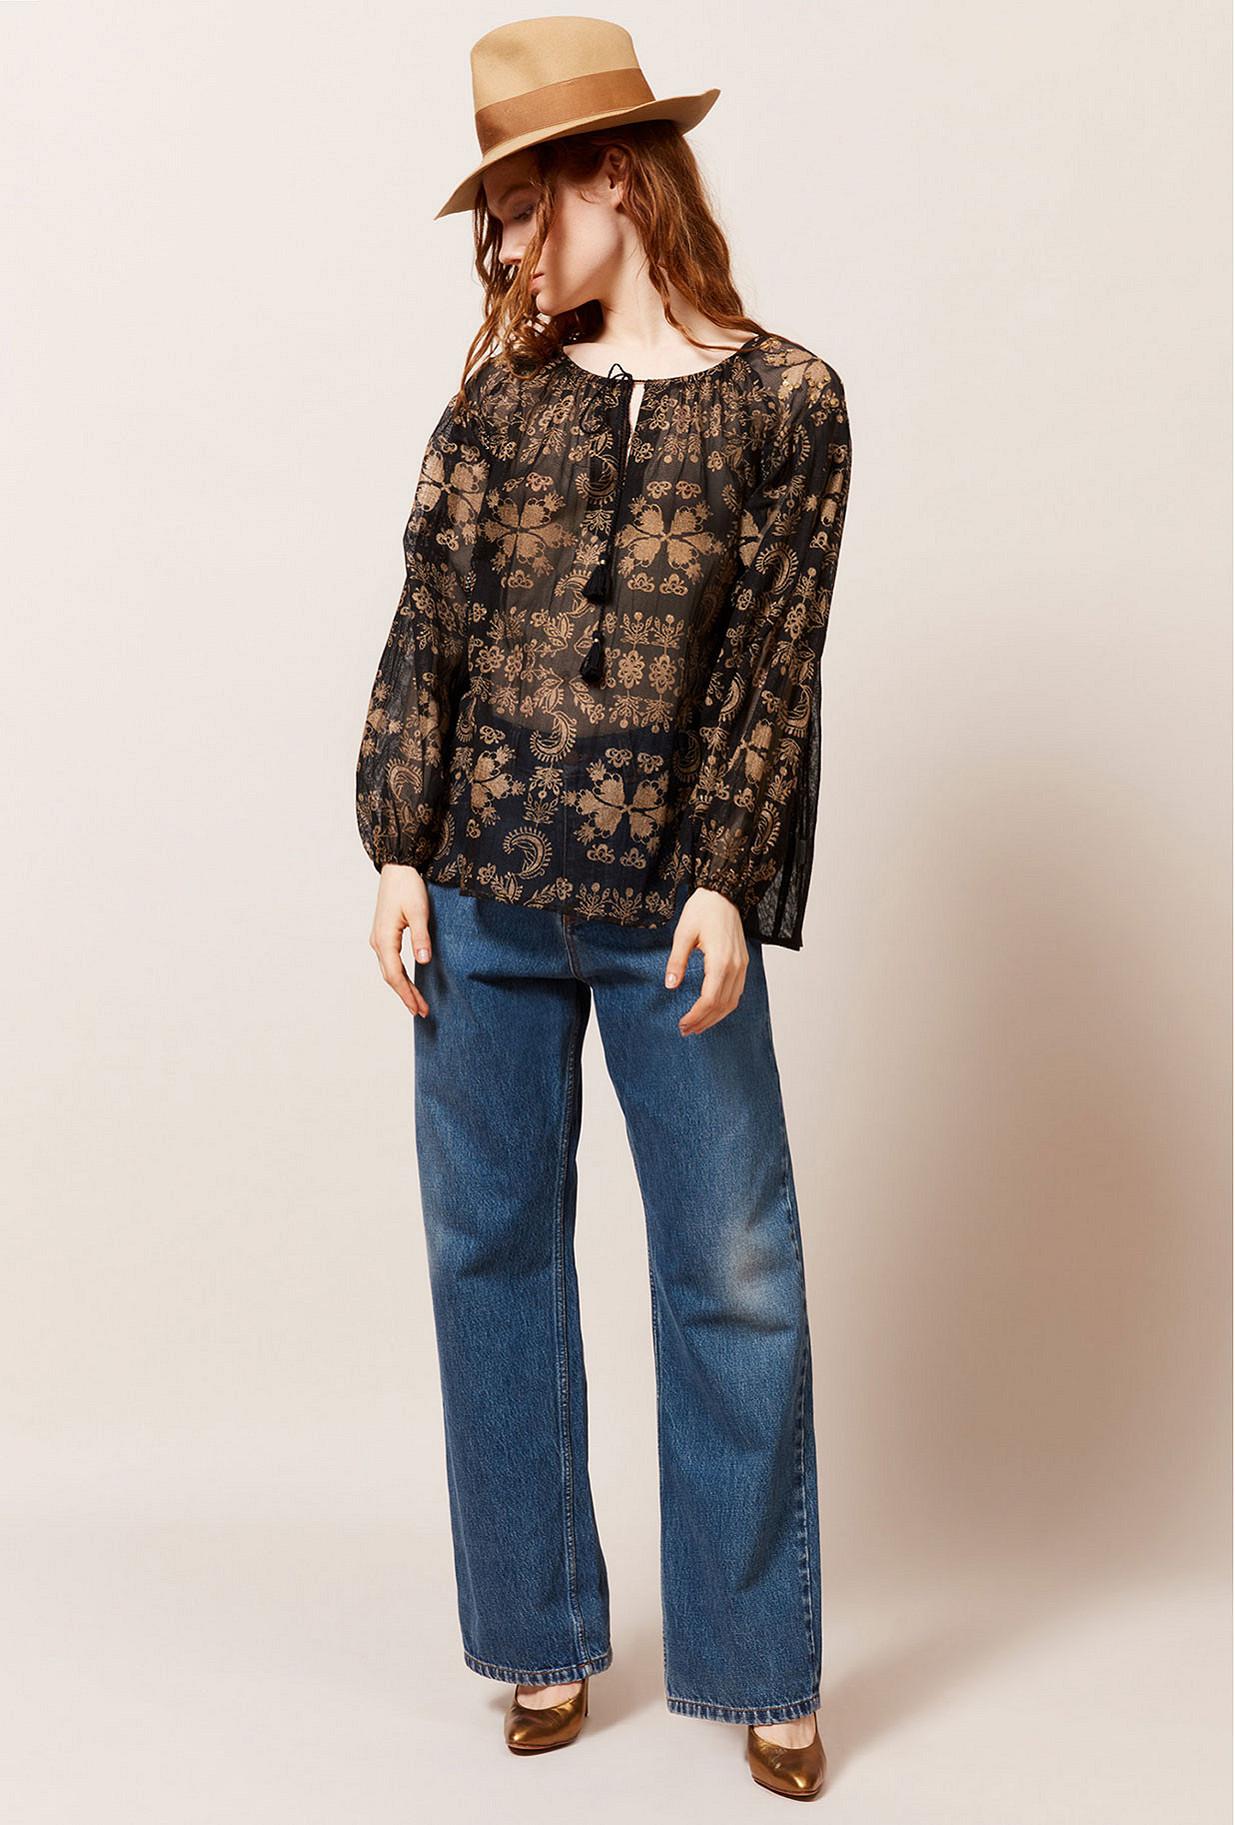 Paris clothes store Blouse Atlante french designer fashion Paris